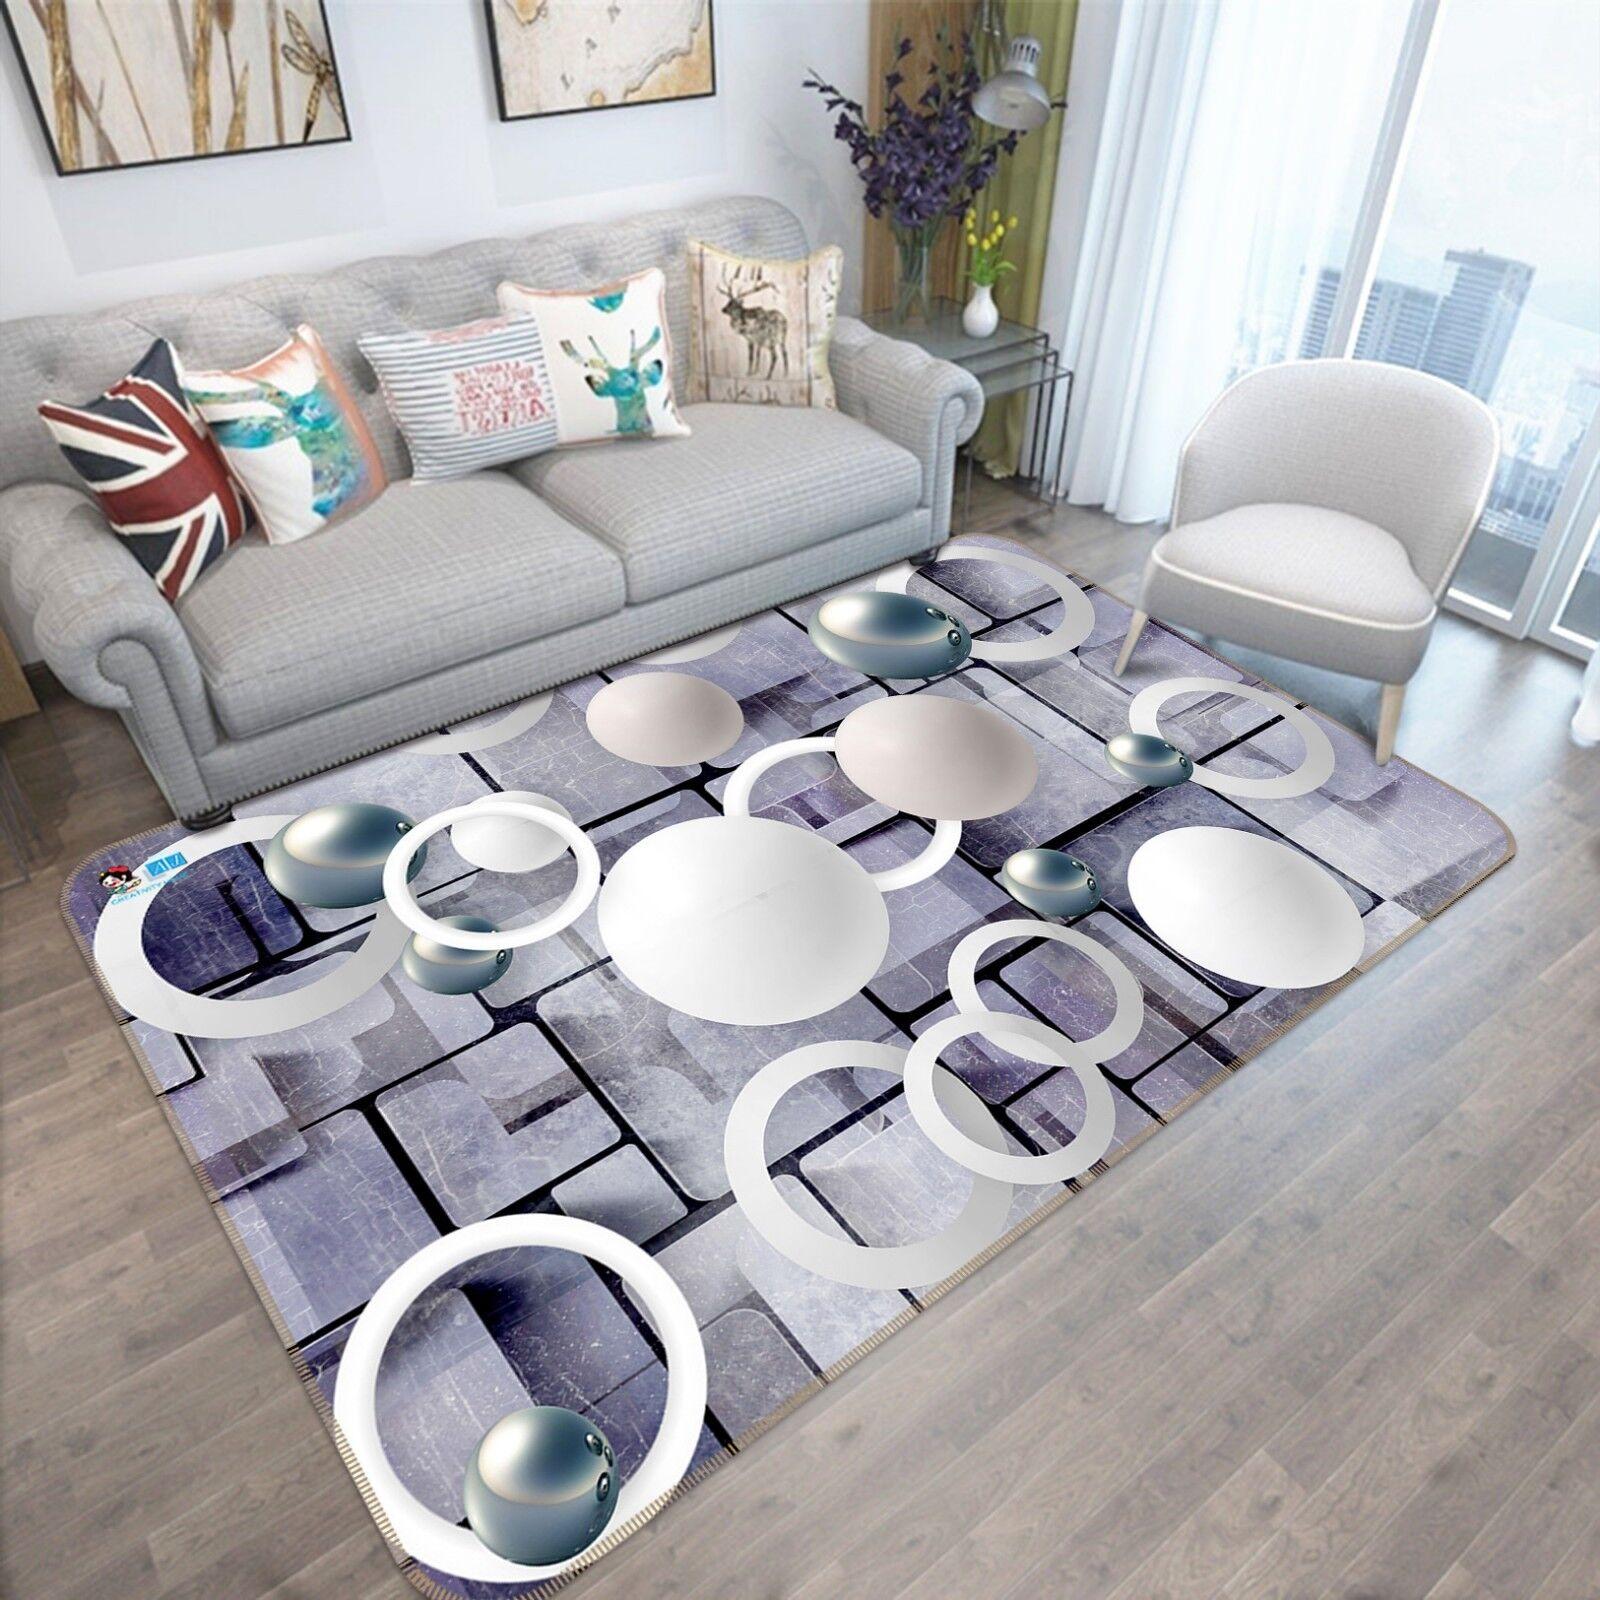 3d cubo SFERA ANELLO 4 antiscivolo tappeto bagagliaio Qualità Tappeto Elegante De